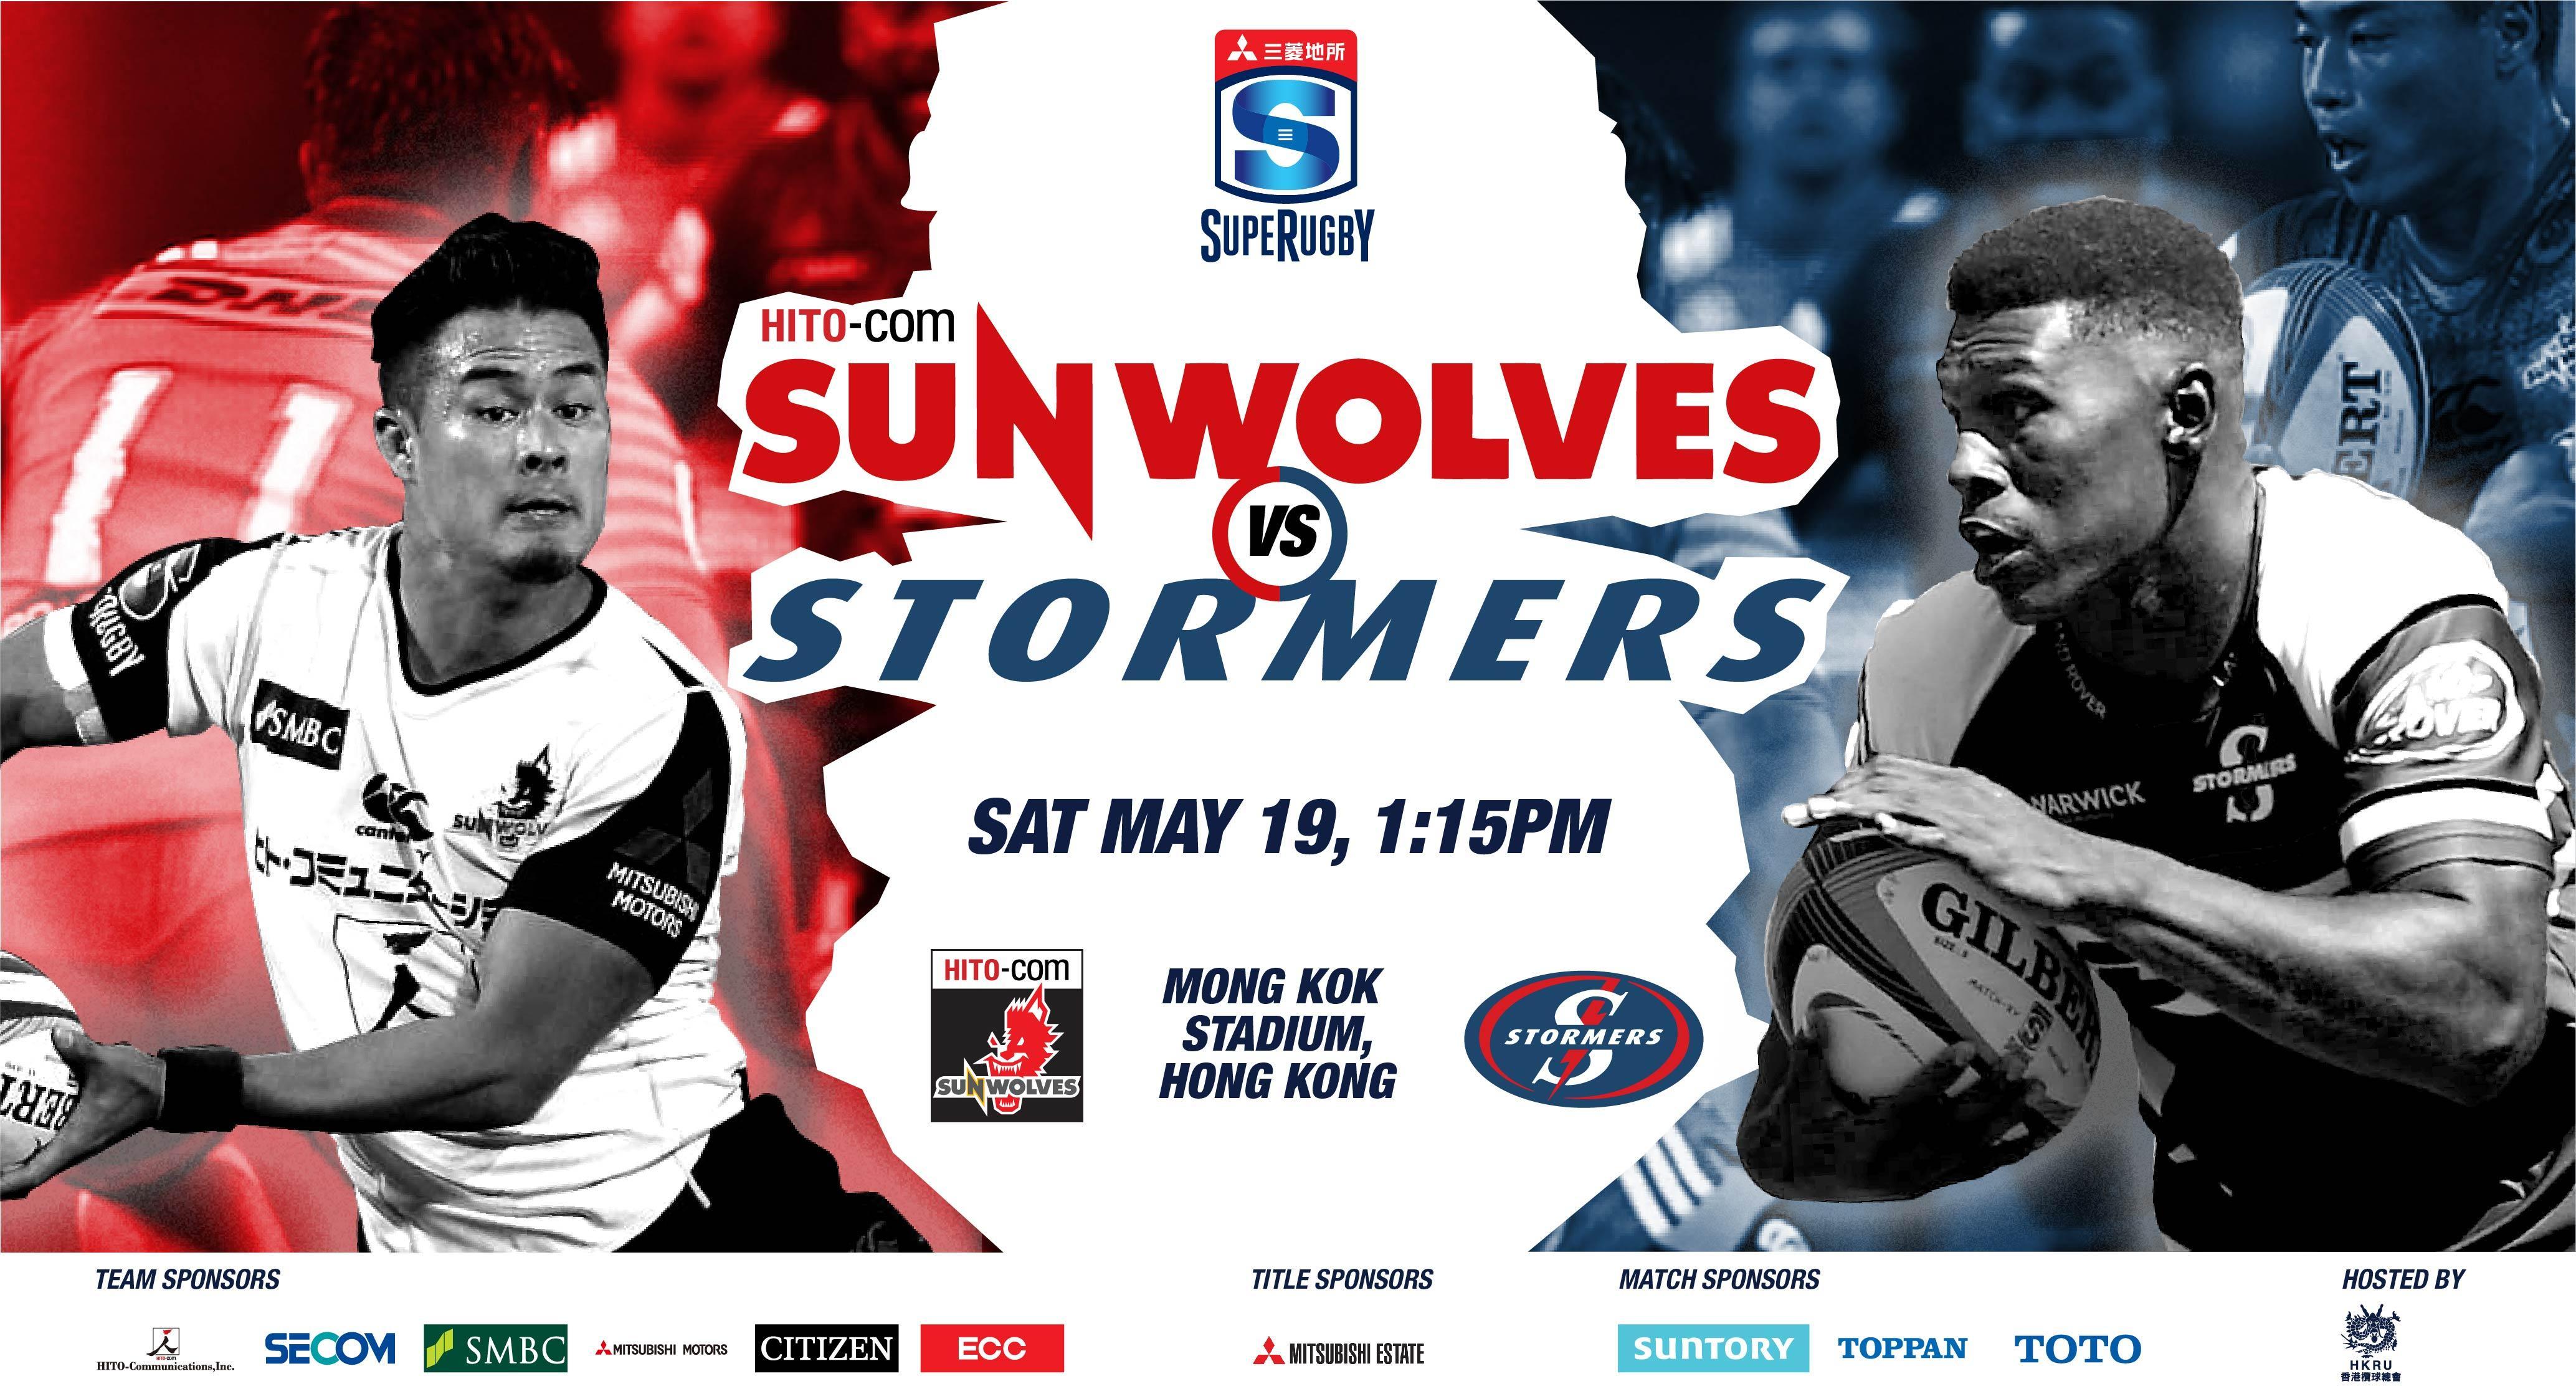 10440-Stormers_vs_Sunwolves_Landscape-4-03.jpg#asset:22990:url